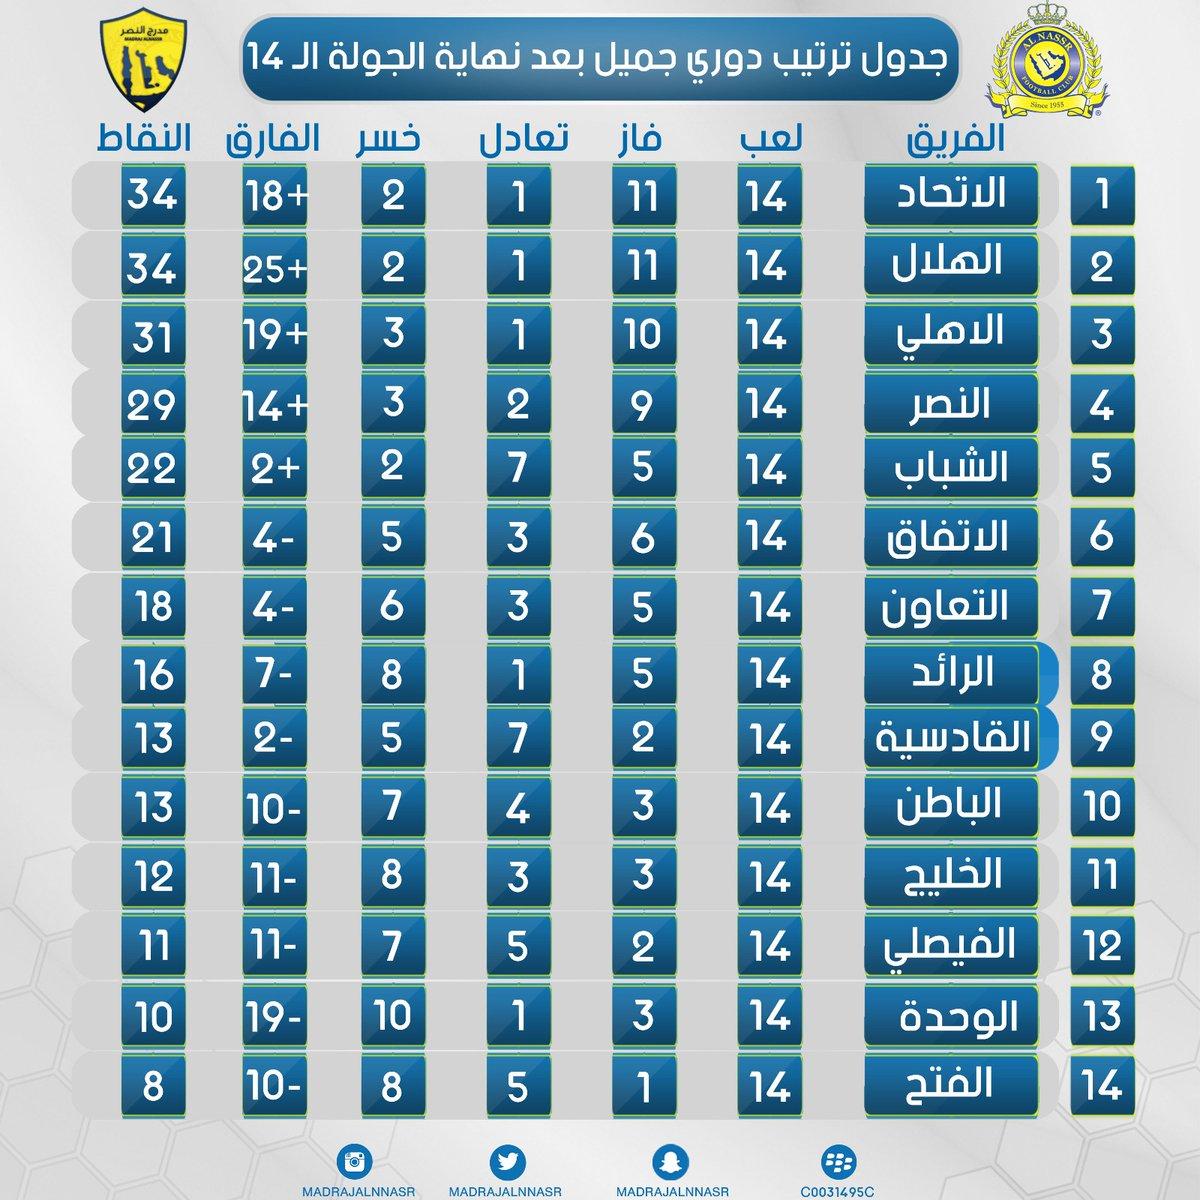 نتائج مباريات الدوري السعودي اليوم الجمعه